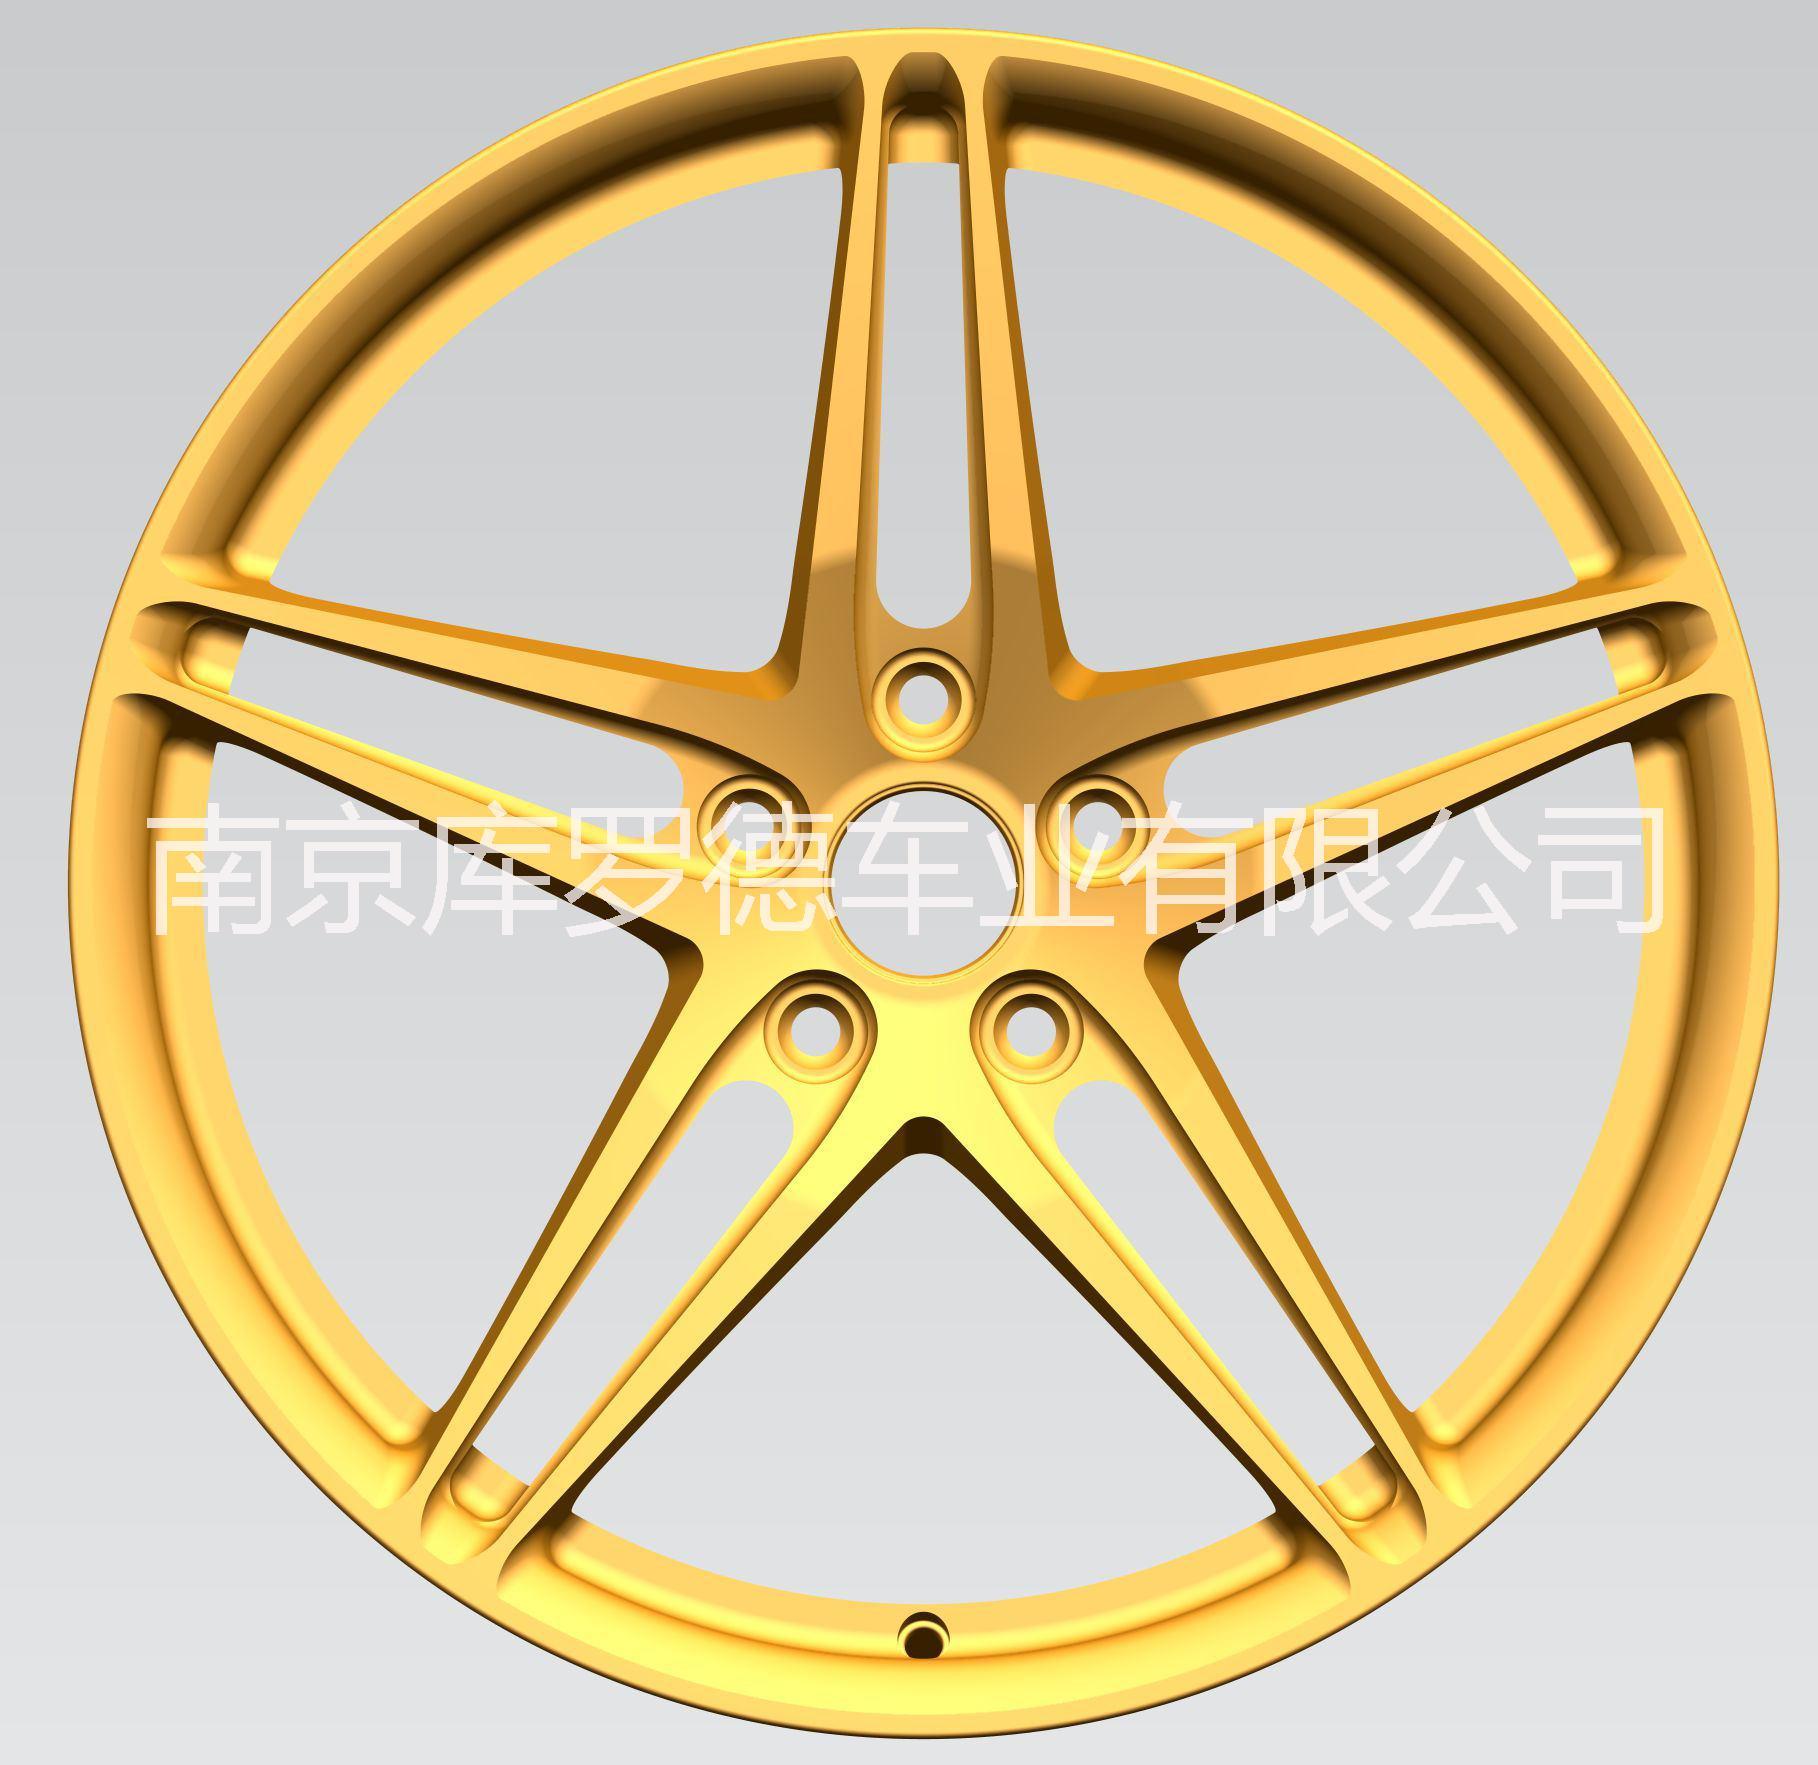 一片式锻造铝合金轮毂1139 延庆一片式锻造铝合金轮毂1139